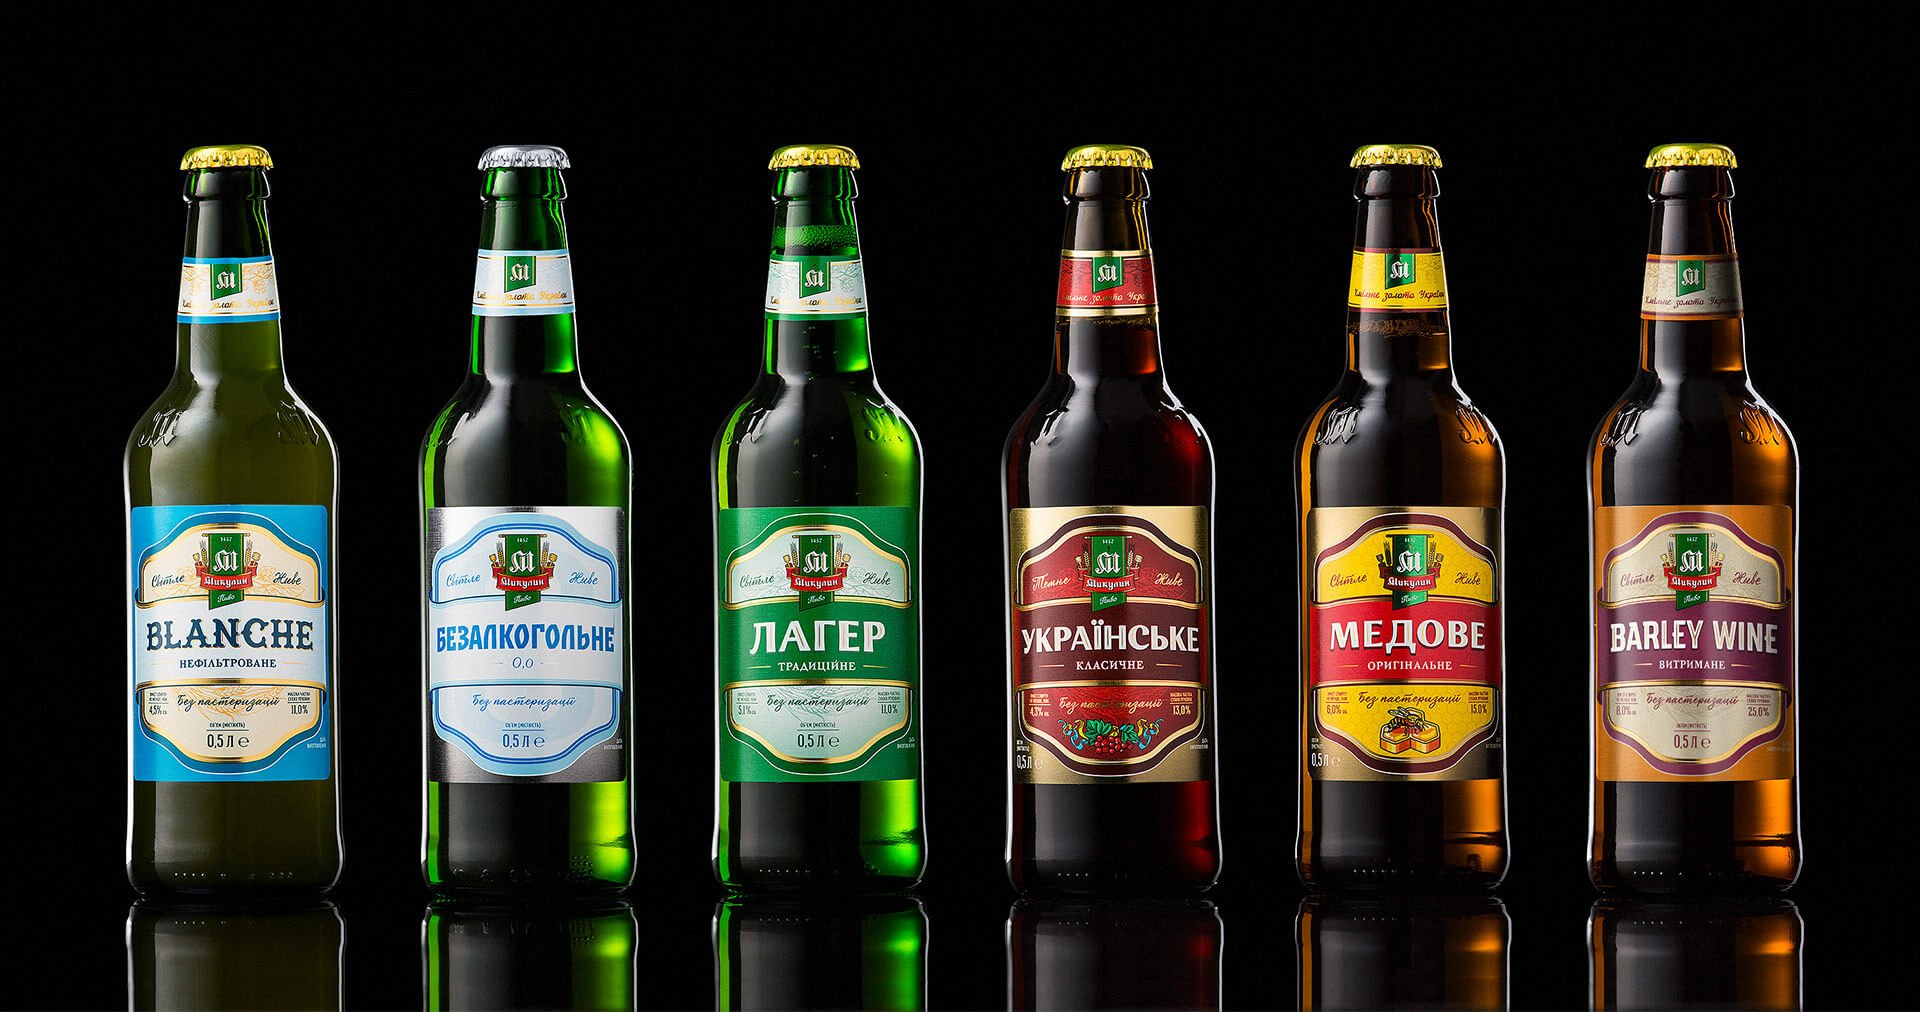 Дизайн етикеток «загальної» лінійки пива микулинецької броварні